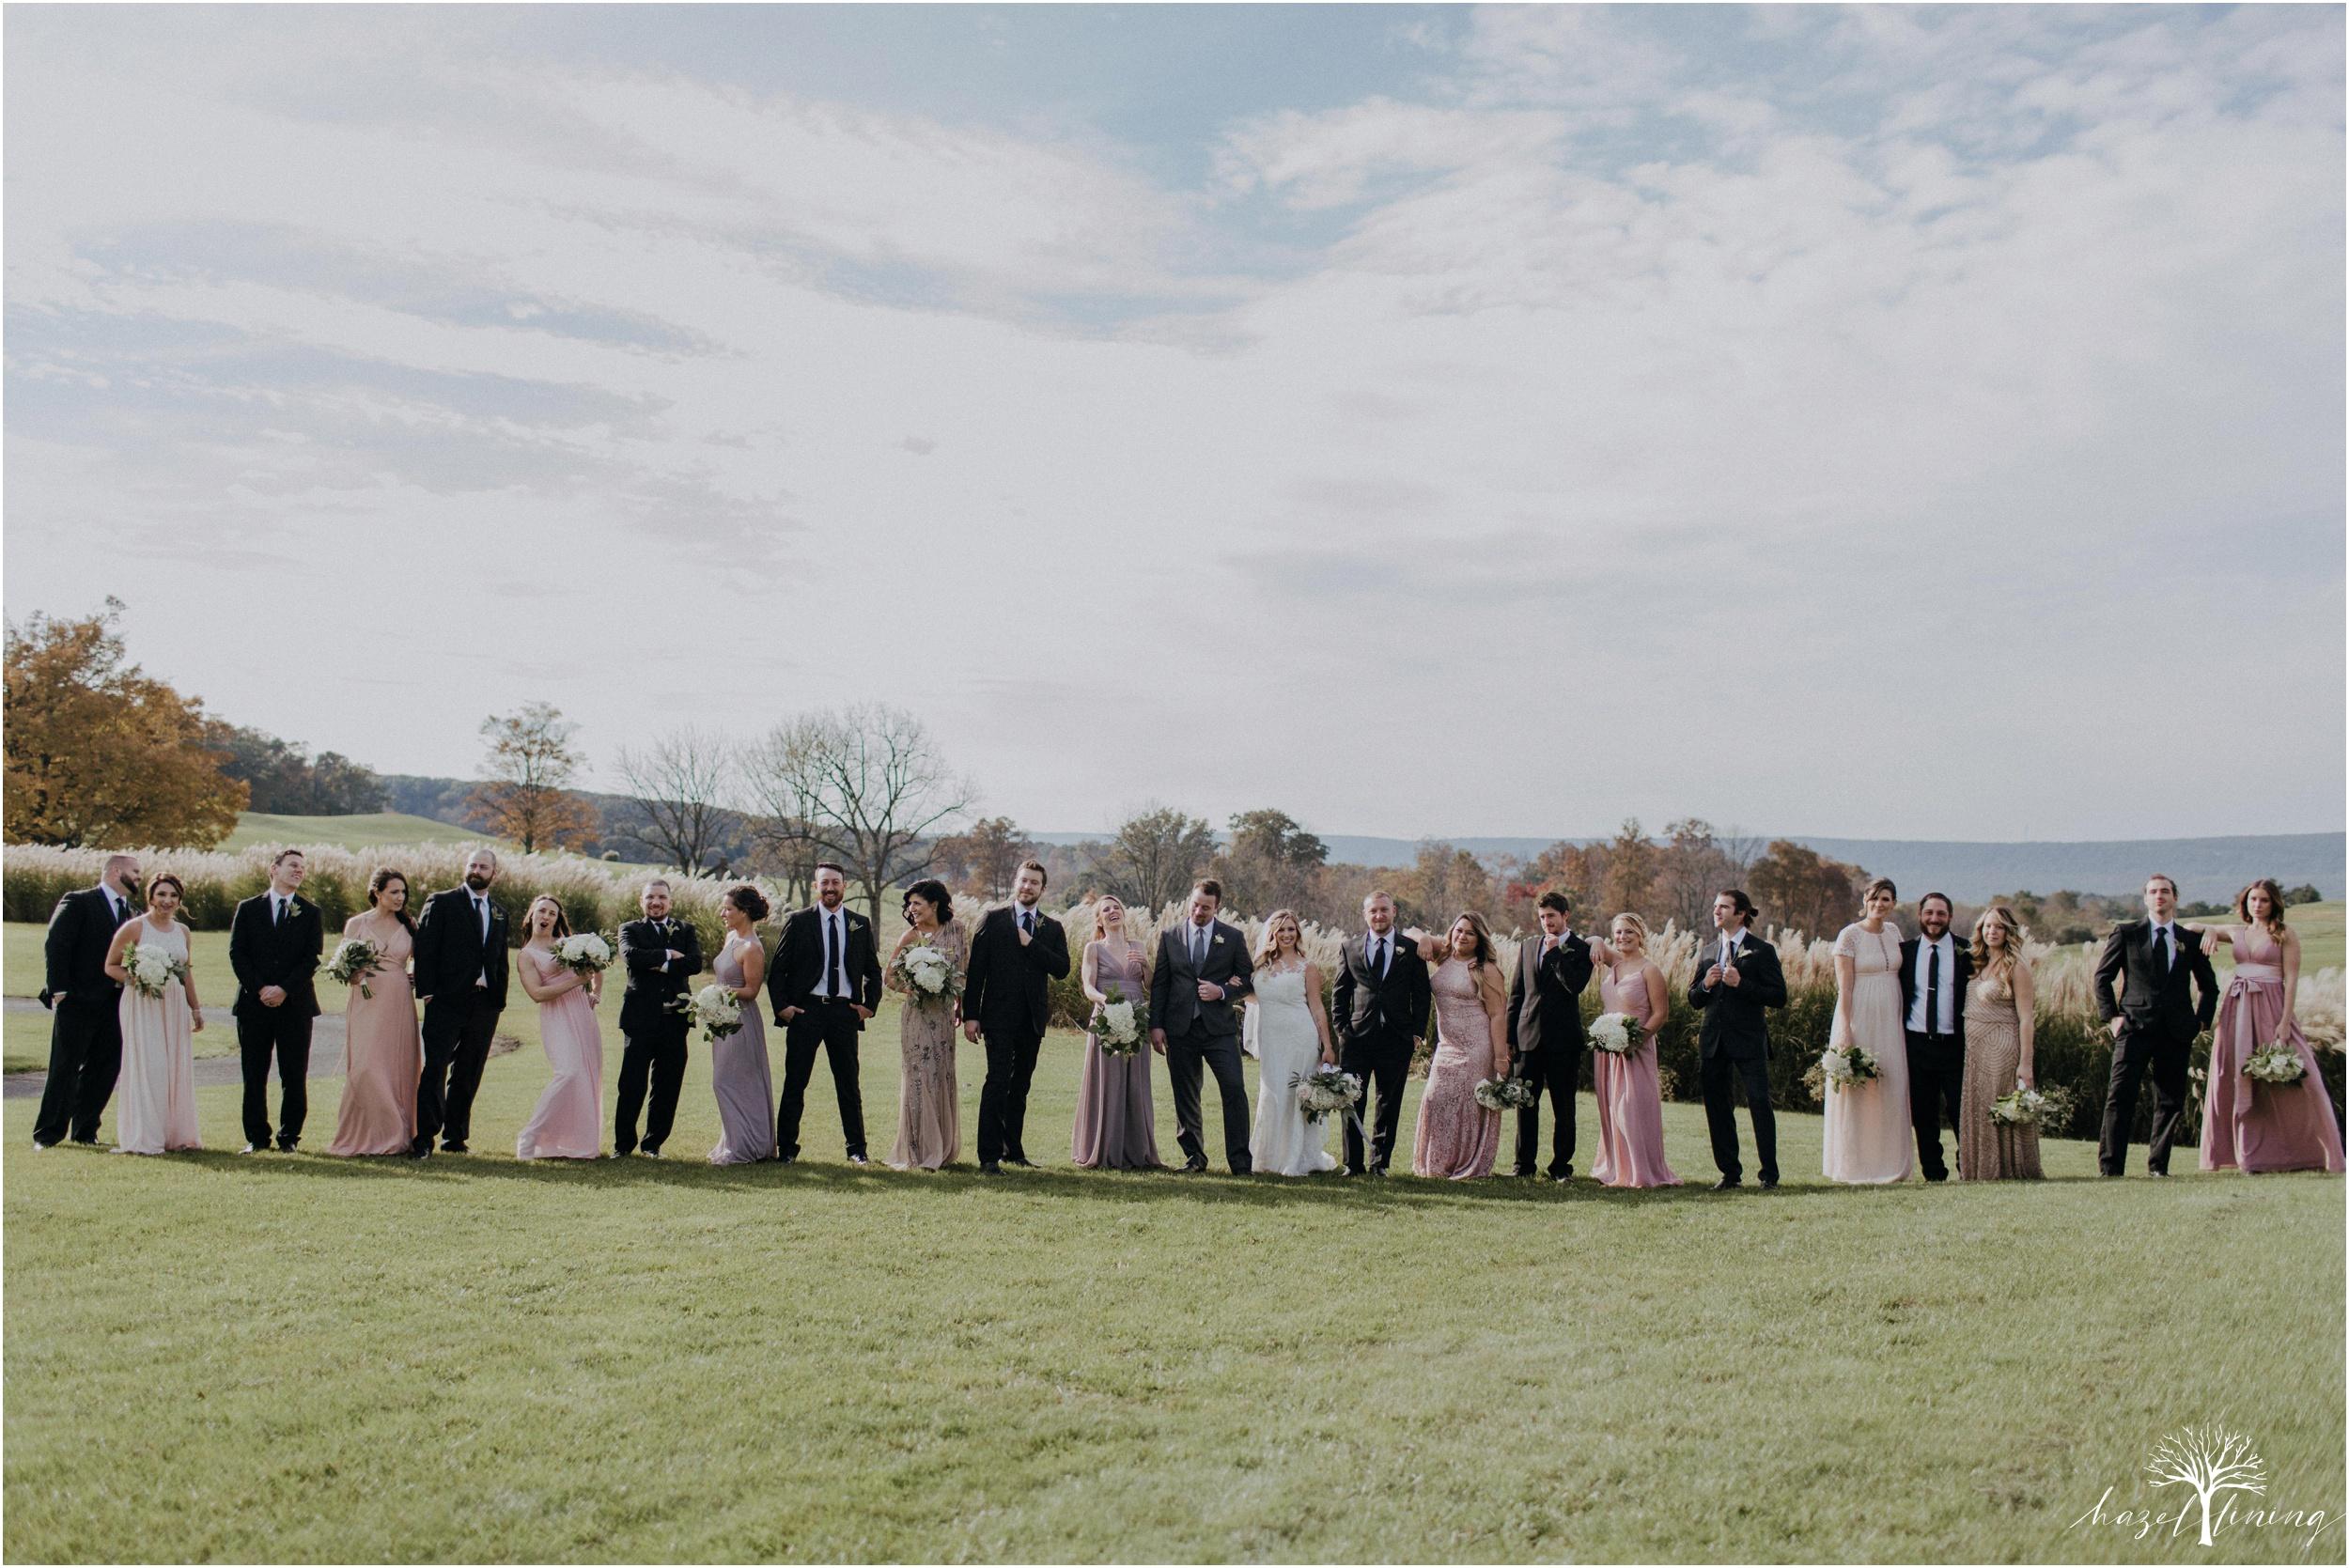 jessie-martin-zach-umlauf-olde-homestead-golfclub-outdoor-autumn-wedding_0090.jpg